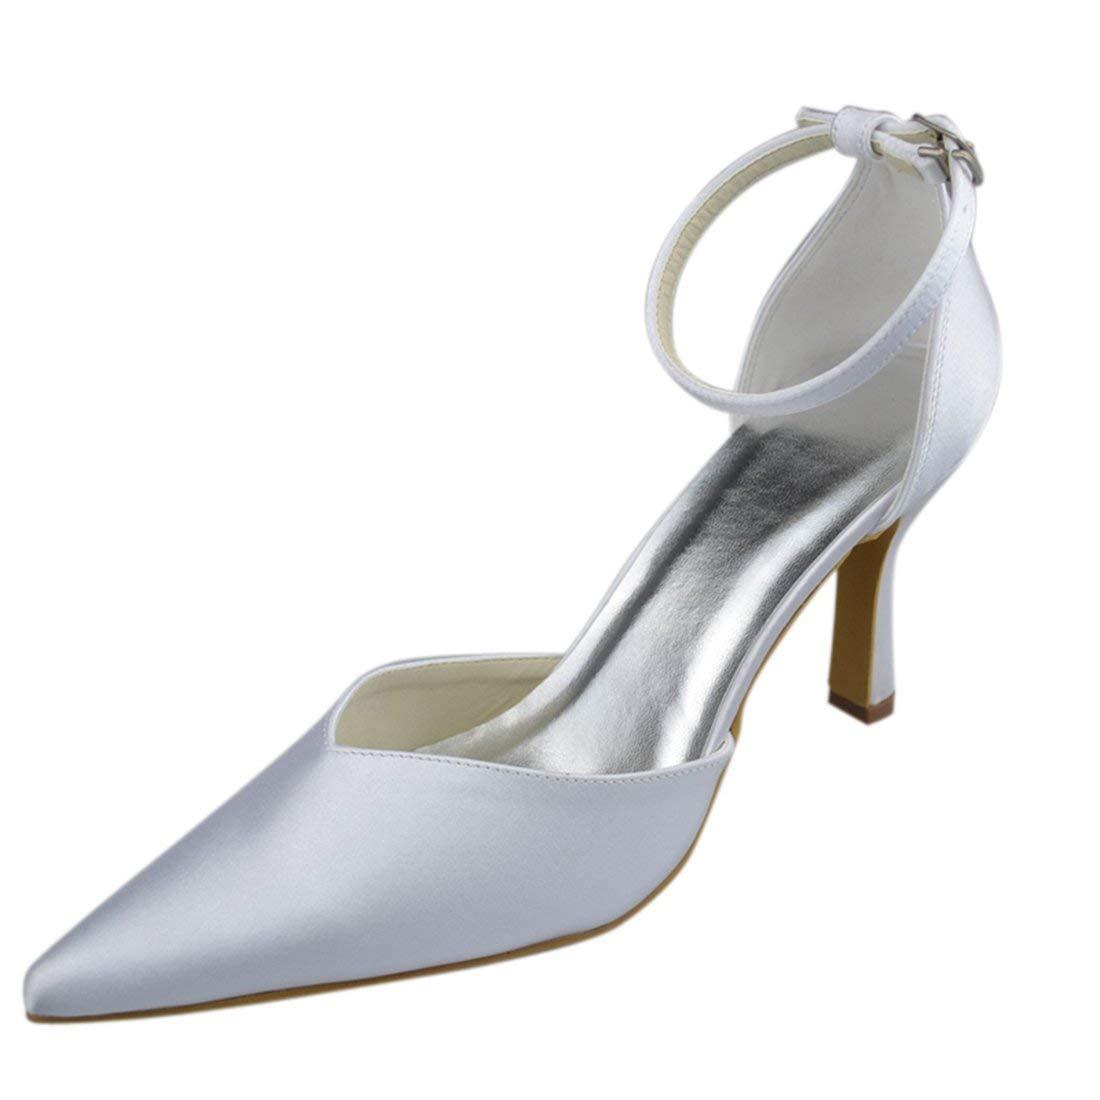 ZHRUI Y0037 Damen Stiletto High Heel Weiß Satin Abend Party Braut Hochzeit Riemchen Schuhe UK 6 (Farbe   - Größe   -)